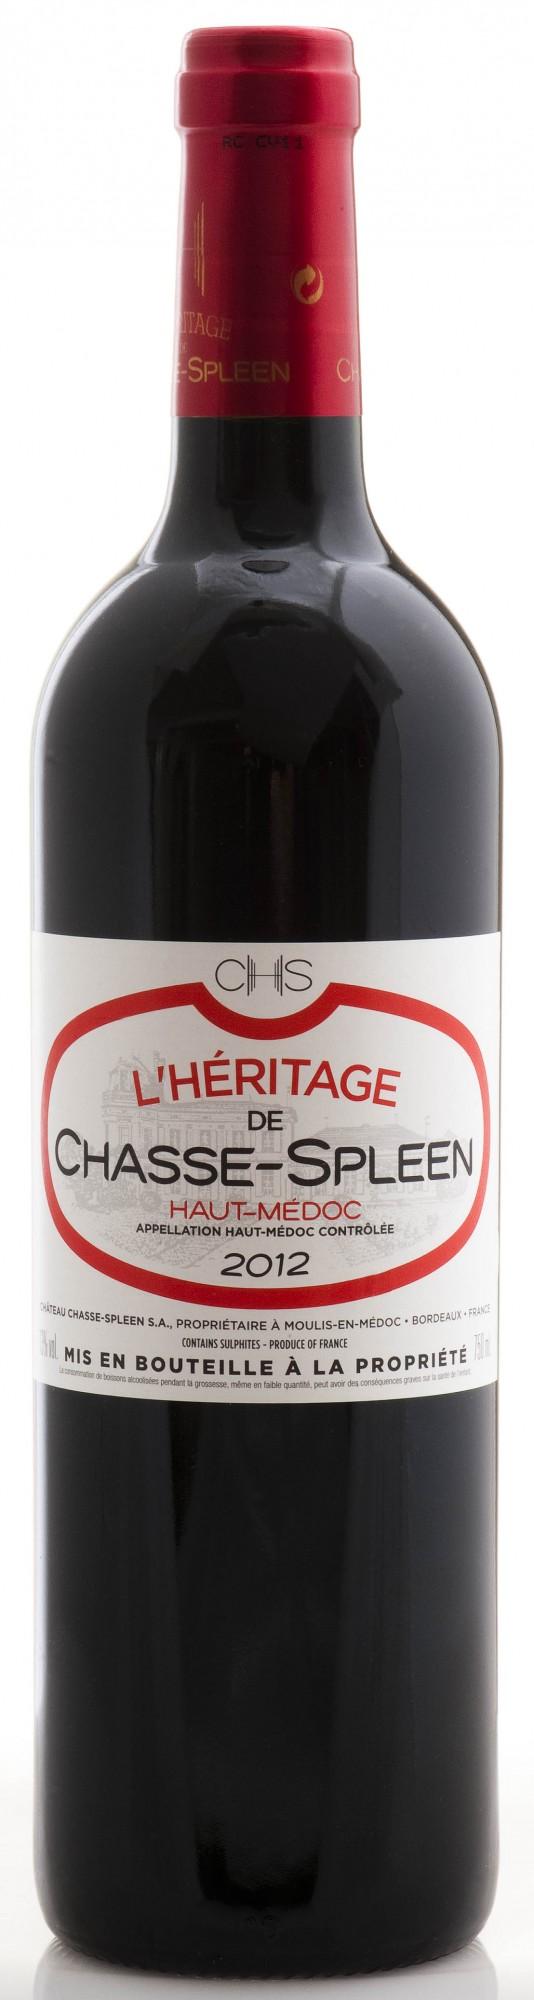 Héritage Chasse Spleen 2012